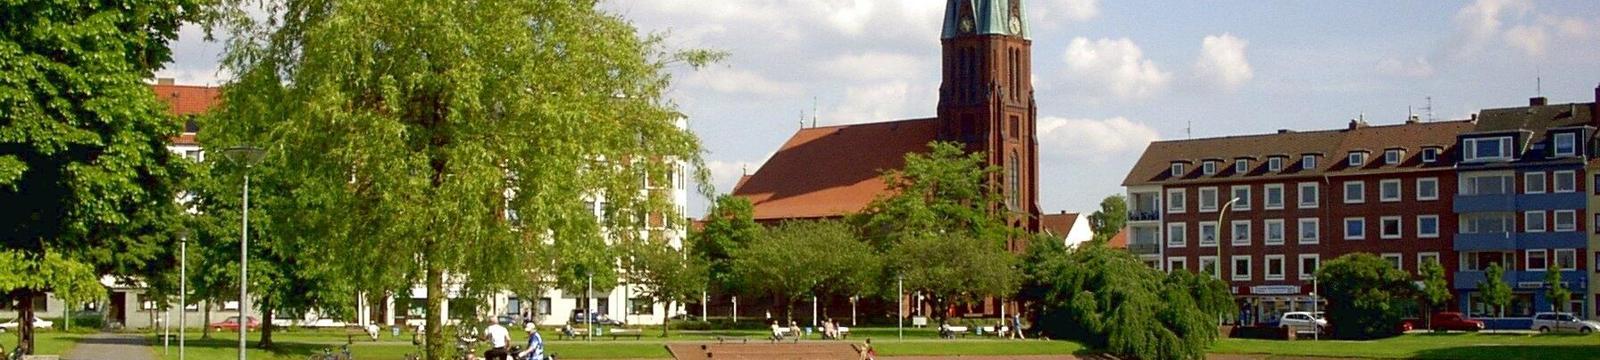 Porno Kino Bremen